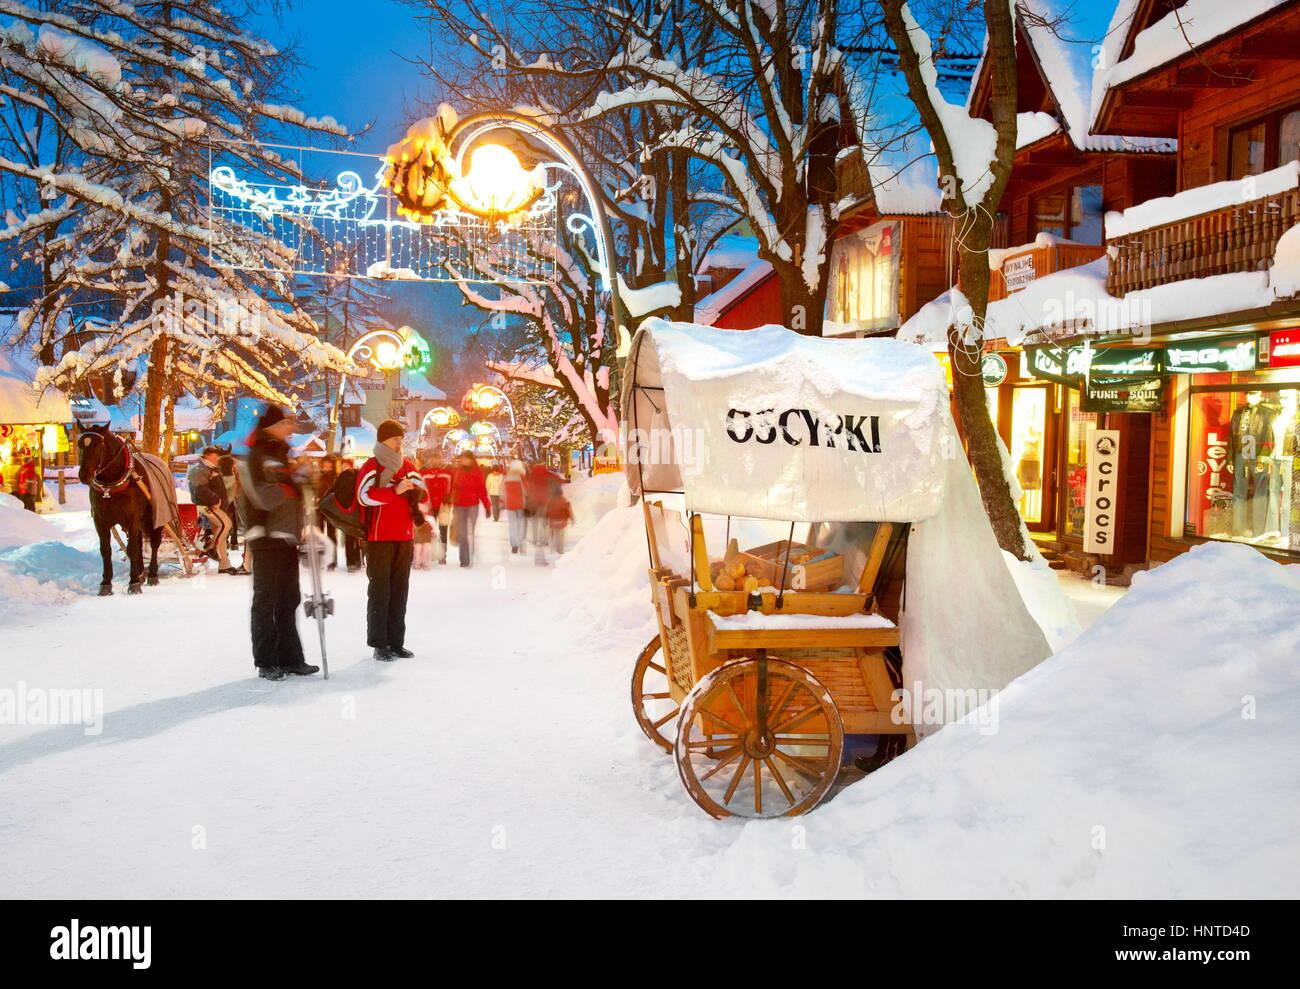 Winter-Stadt-Szene im Dorf Zakopane, Polen Stockbild